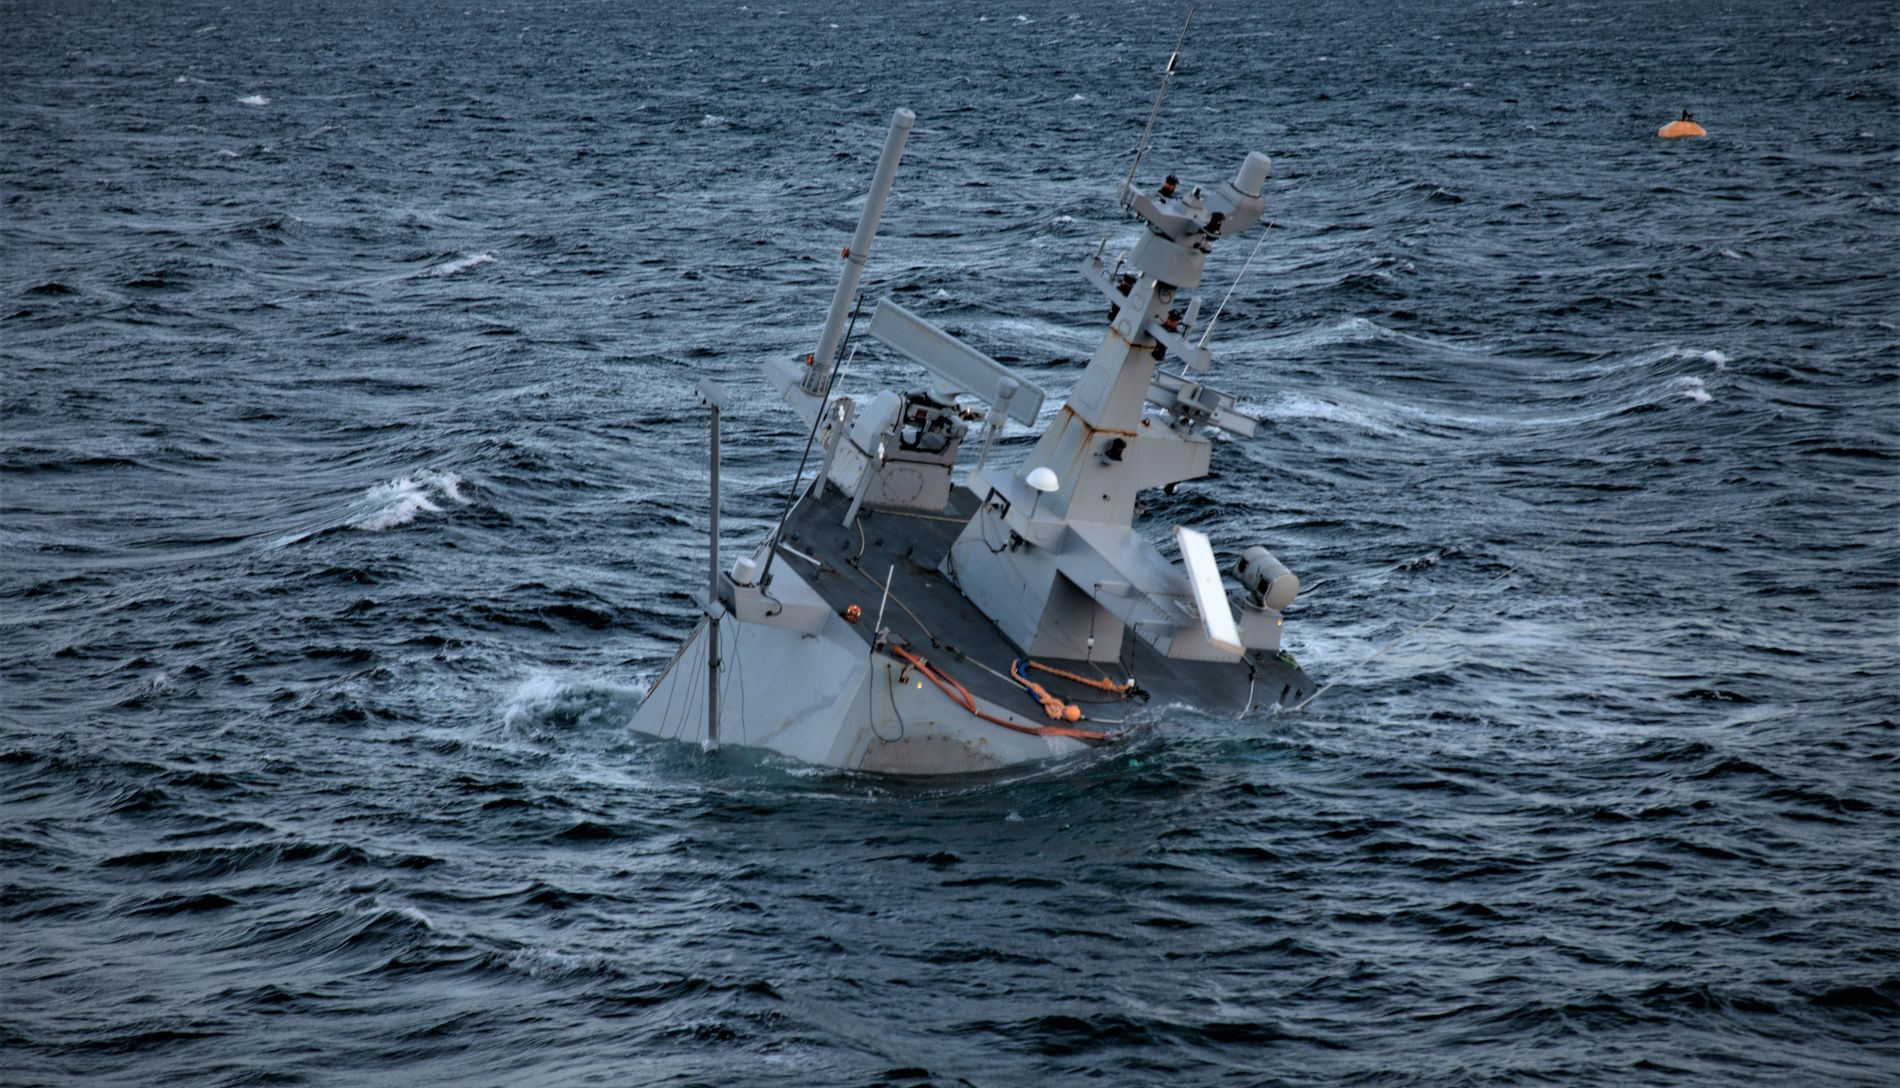 SANK VED LAND: Etter sammenstøtet ble KNM «Helge Ingstad» forsøkt plassert på grunt vann. Etter et par uker sank den likevel, så bare radartårnet var over vannet.